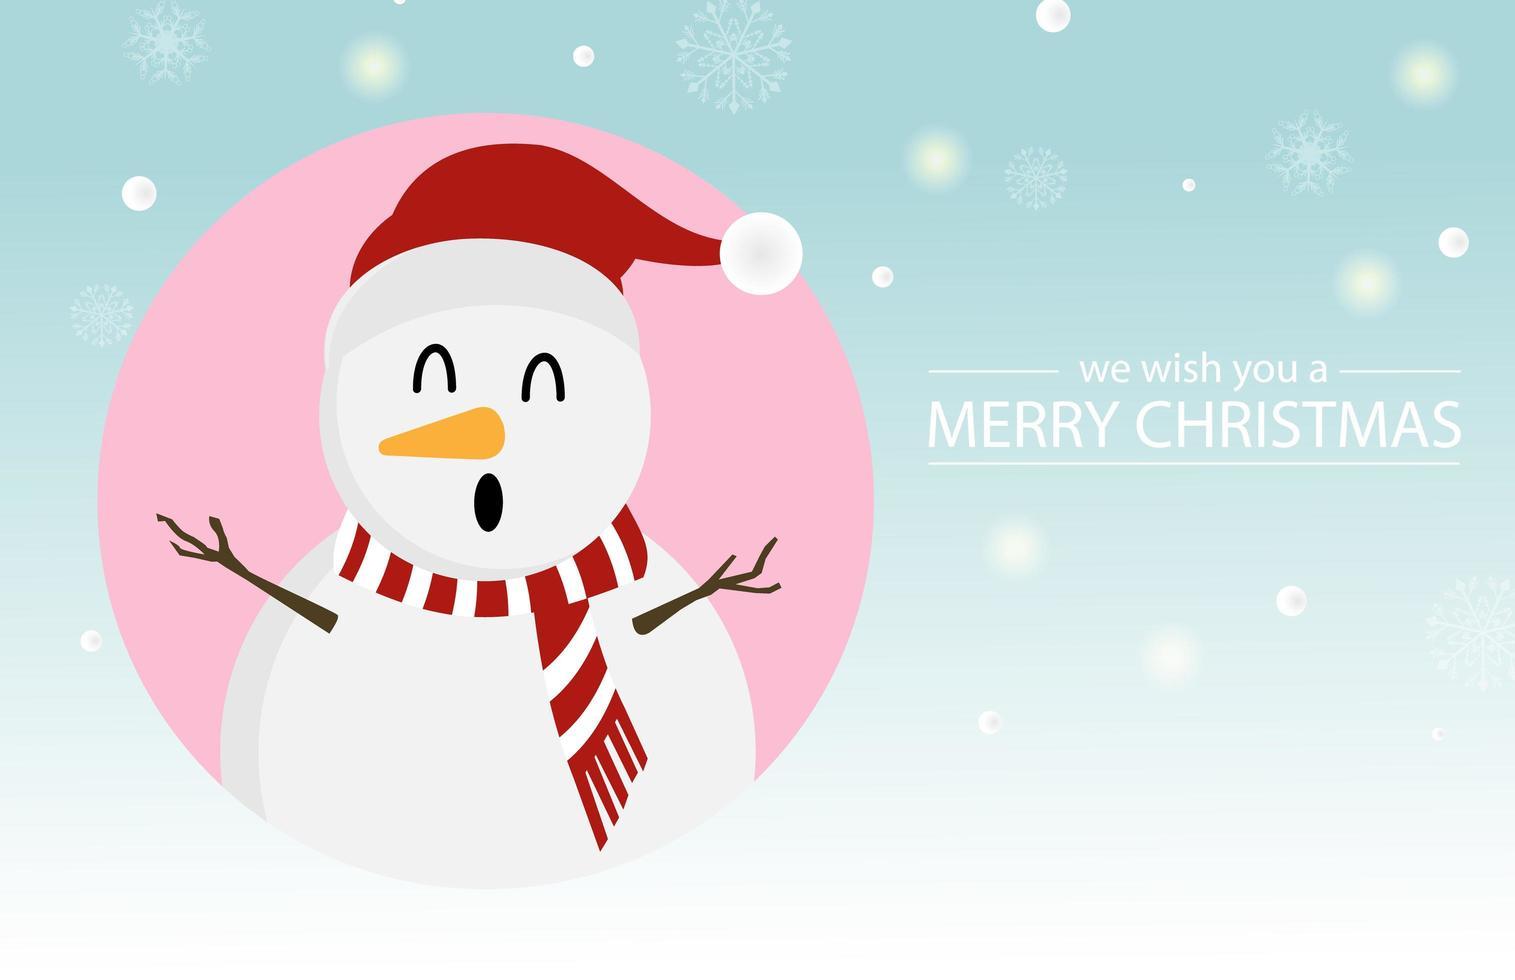 conception de noël avec joli bonhomme de neige vecteur